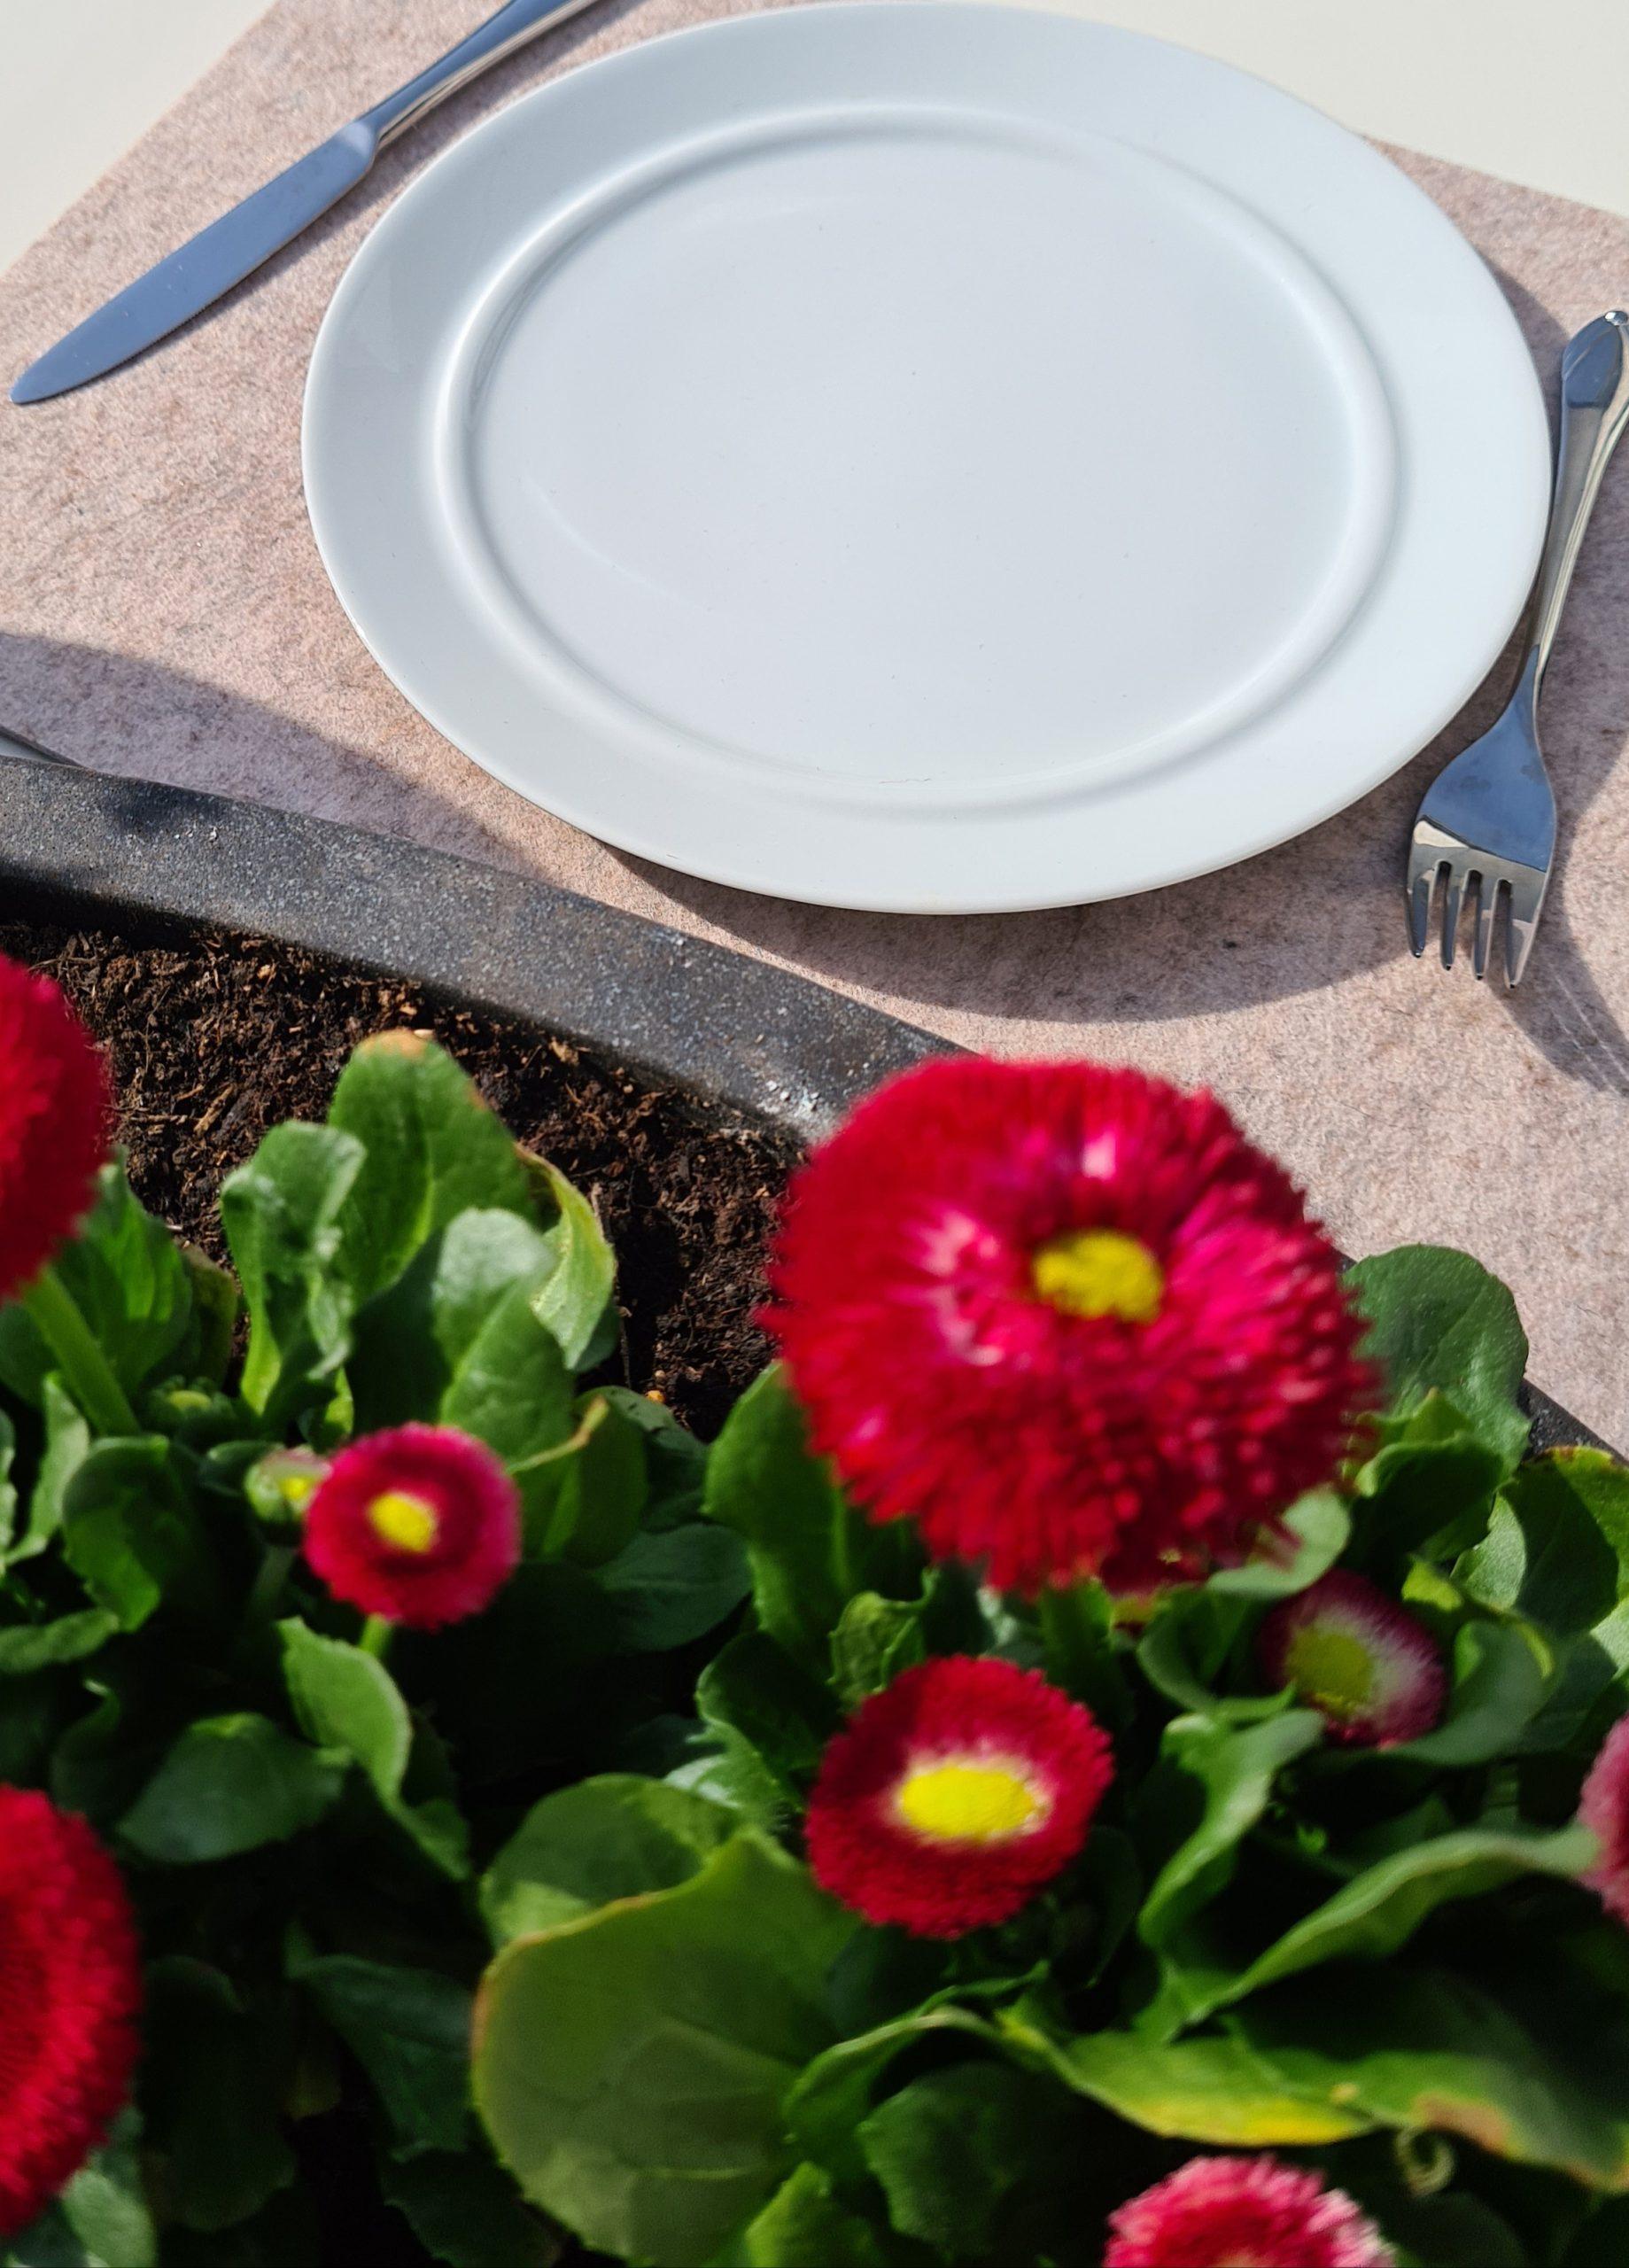 Cremefarbene Filz-Untersetzter quadratisch mit Teller und Besteck - Handgemachte individualisierbare Taschen, Körbe, Tischsets, Dekoartikel und mehr auf fideko.de der Onlineshop seit 2011